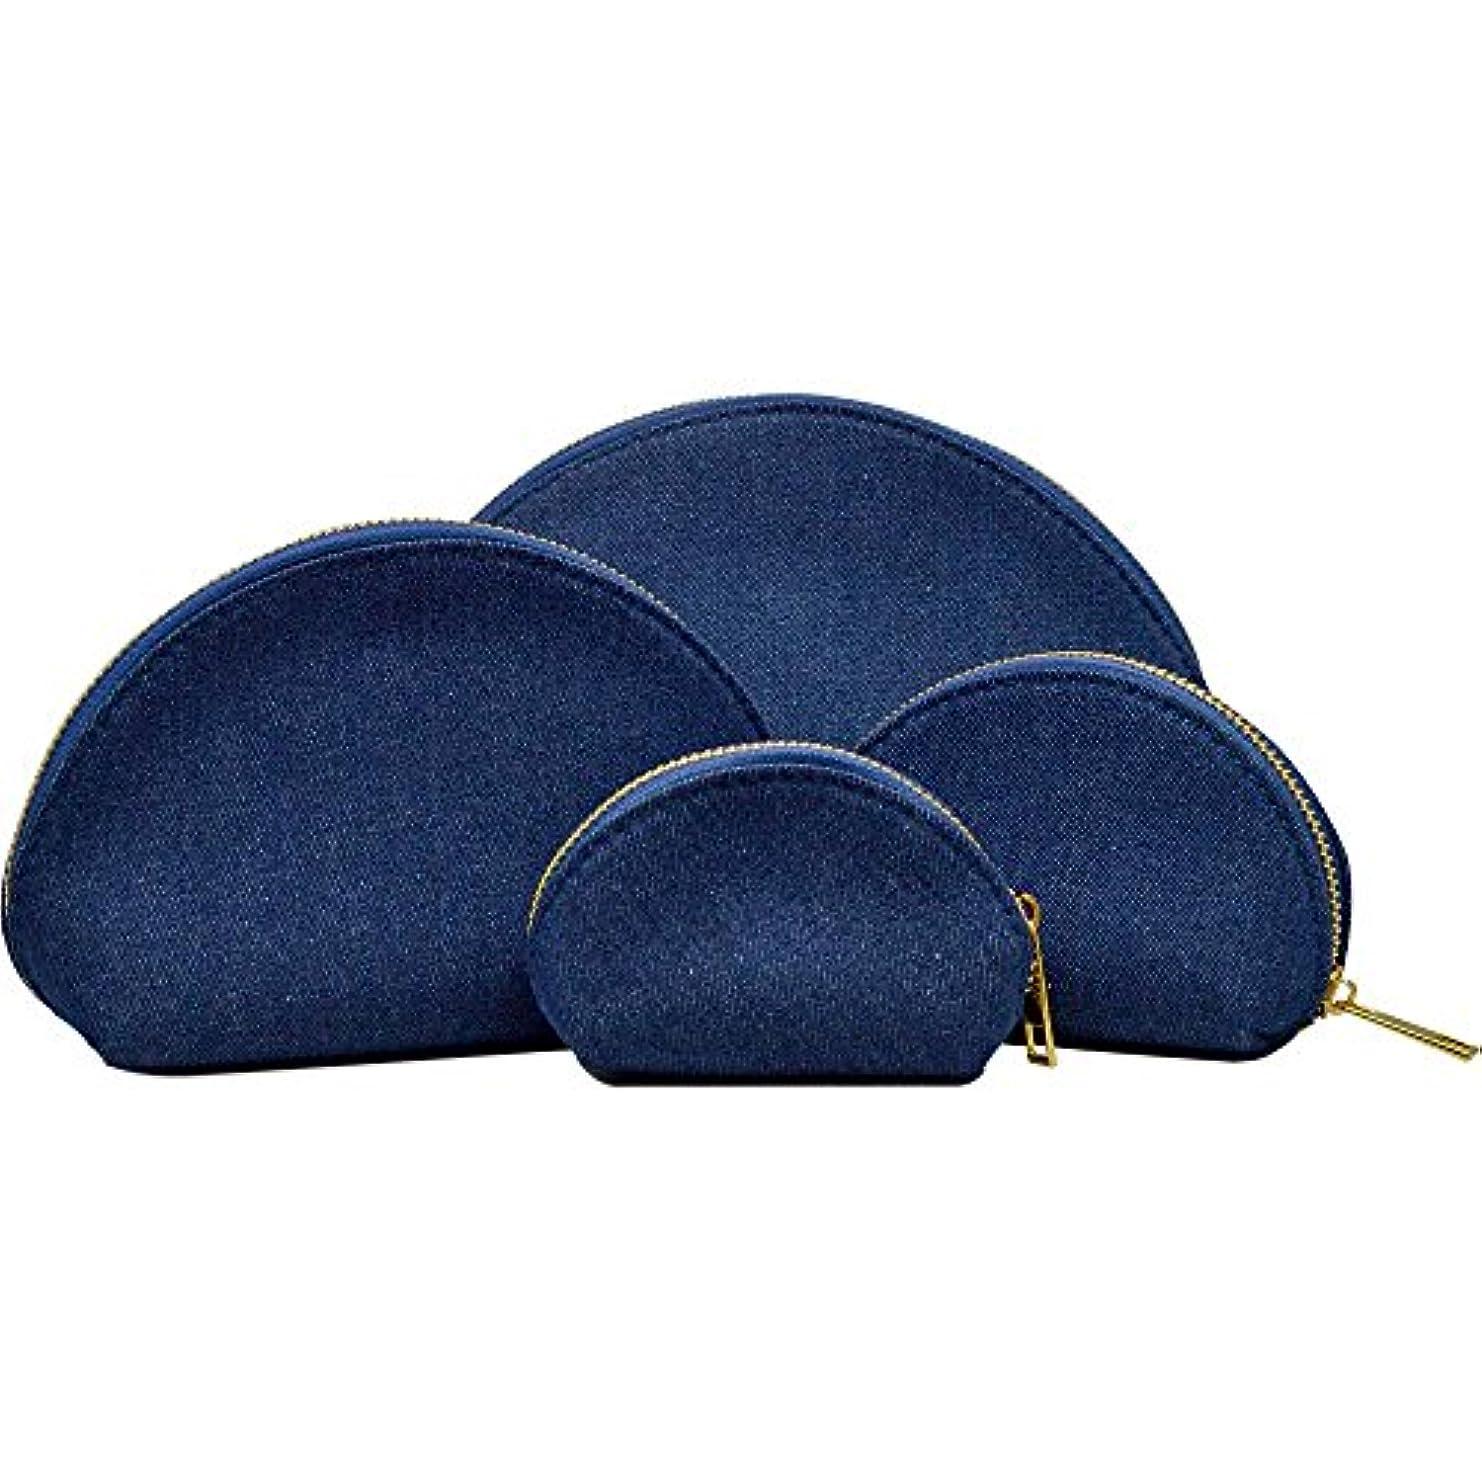 オーブン自治ピッチ豪華4点セット デニム コスメポーチ 小物ポーチ 小さい 極小 大きい 4サイズ デニムデザイン バッグINバッグ ラウンド 化粧ポーチ (インディゴブルー)